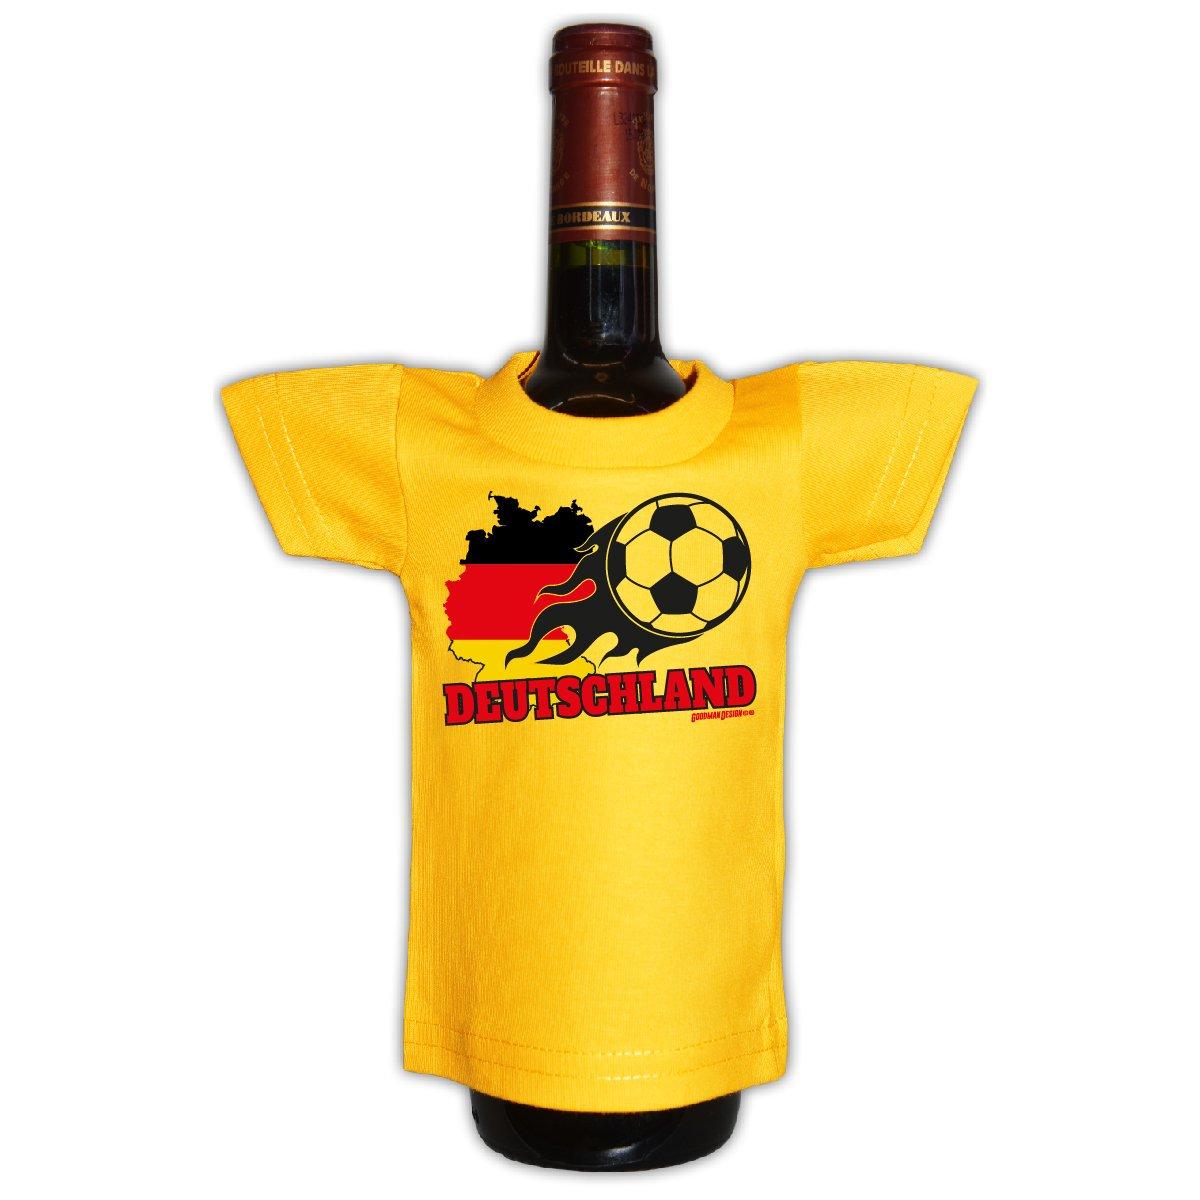 Großartig Lustige Geschenkverpackung Galerie Von Für Flaschen Mini T-shirt : / Prost